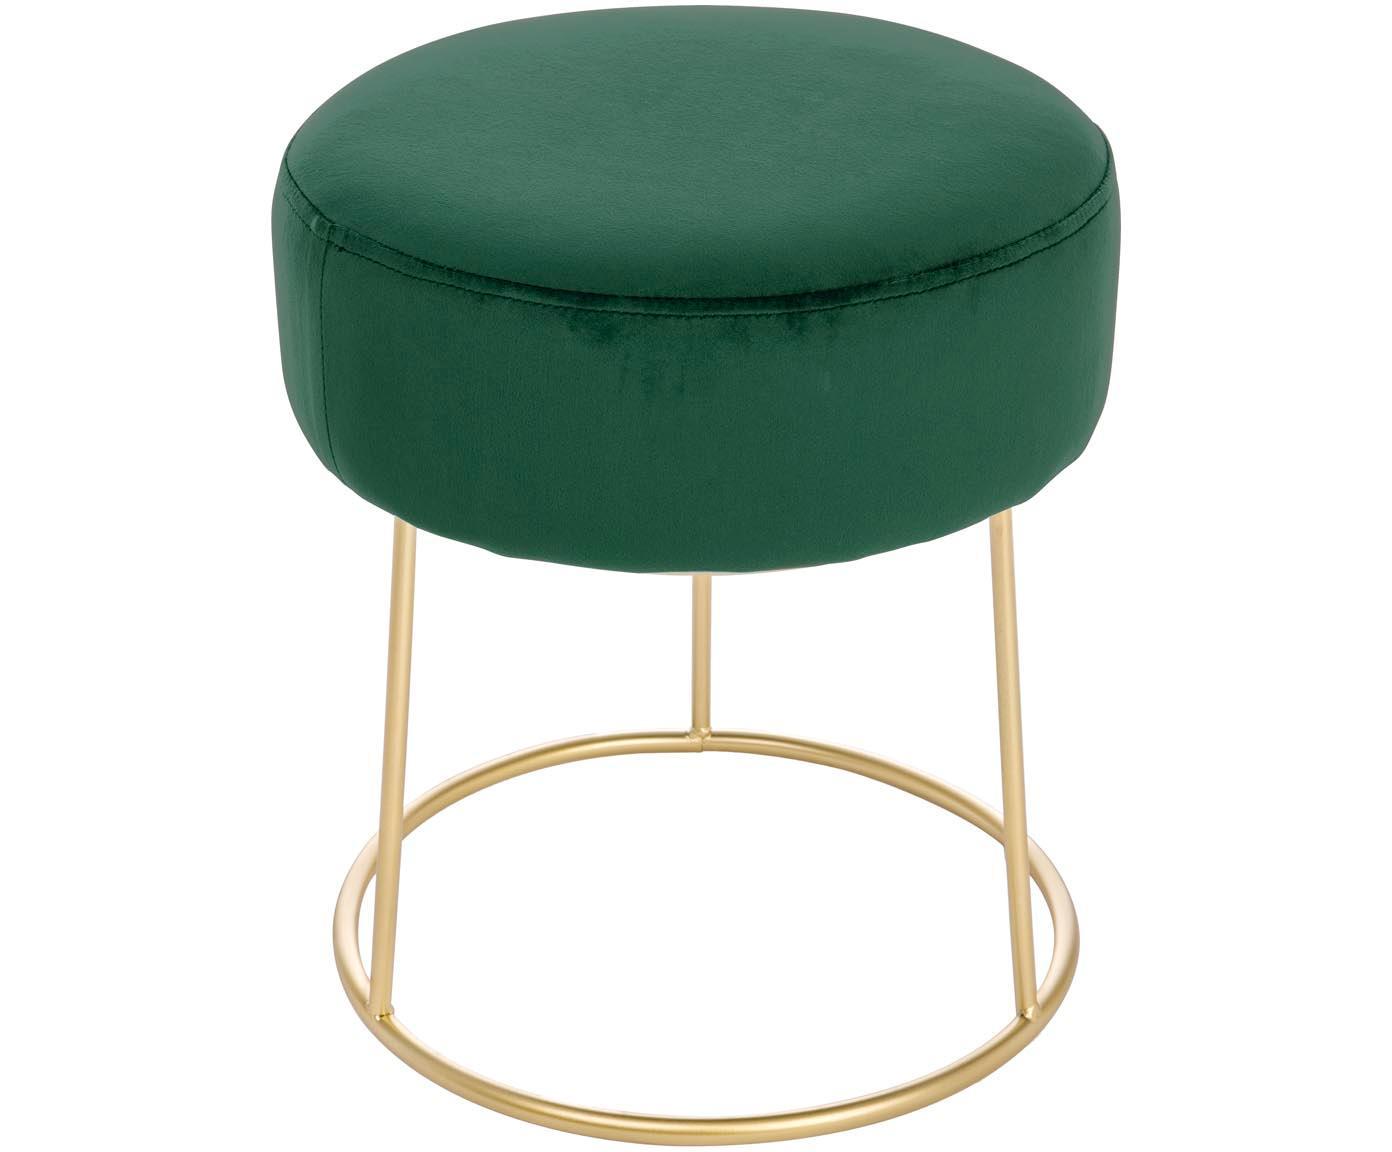 Ronde fluwelen poef Clarissa, Bekleding: 100% polyester fluweel, Frame: MDF, Poten: gelakt RVS, Bekleding: groen poten: goudkleurig, Ø 35 x H 40 cm